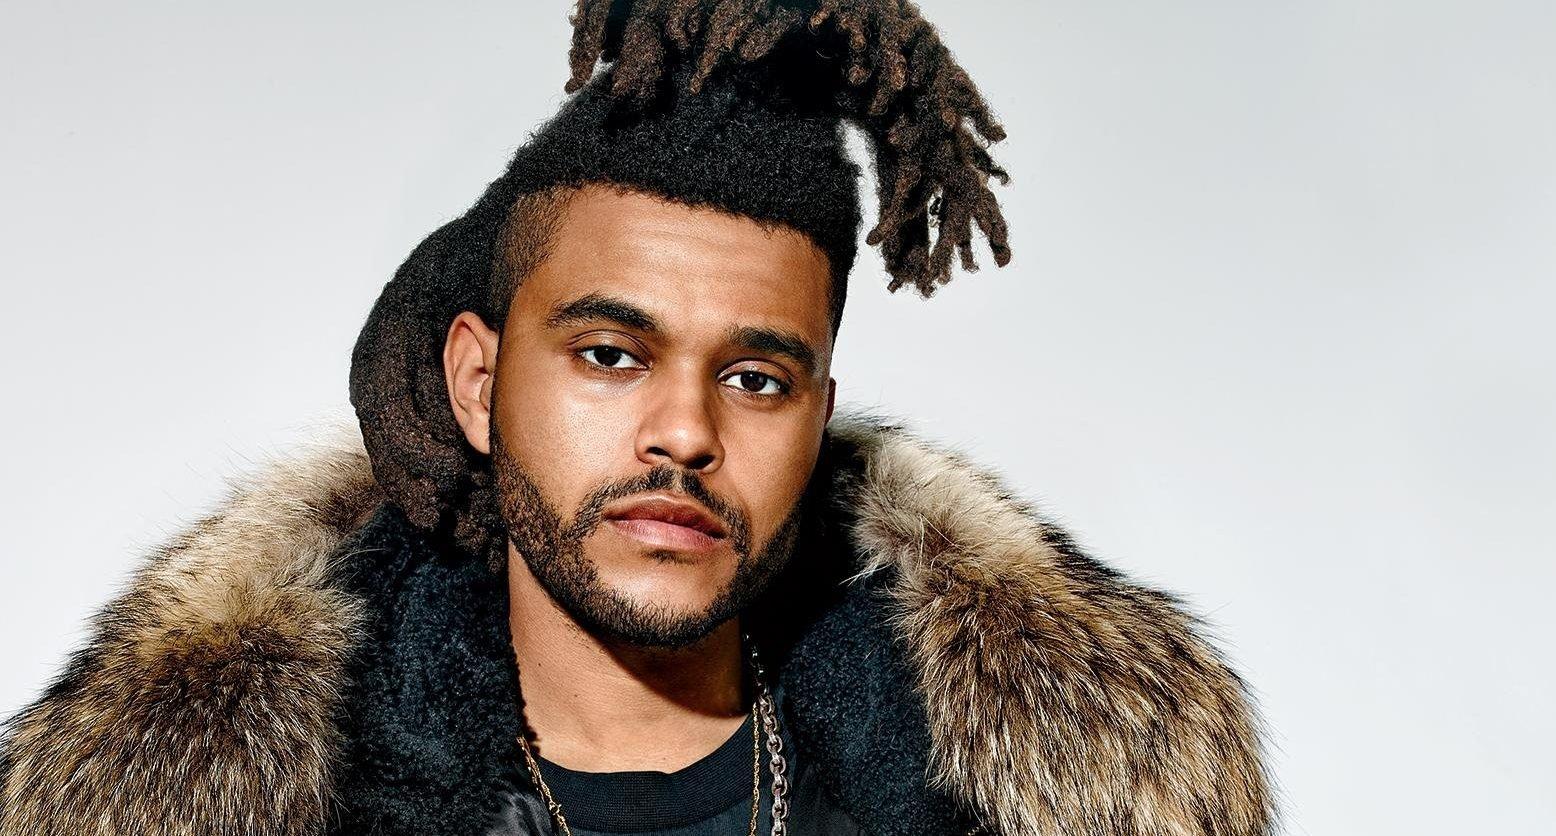 Співак The Weeknd кардинально змінив зовнішність - фото — фото 1